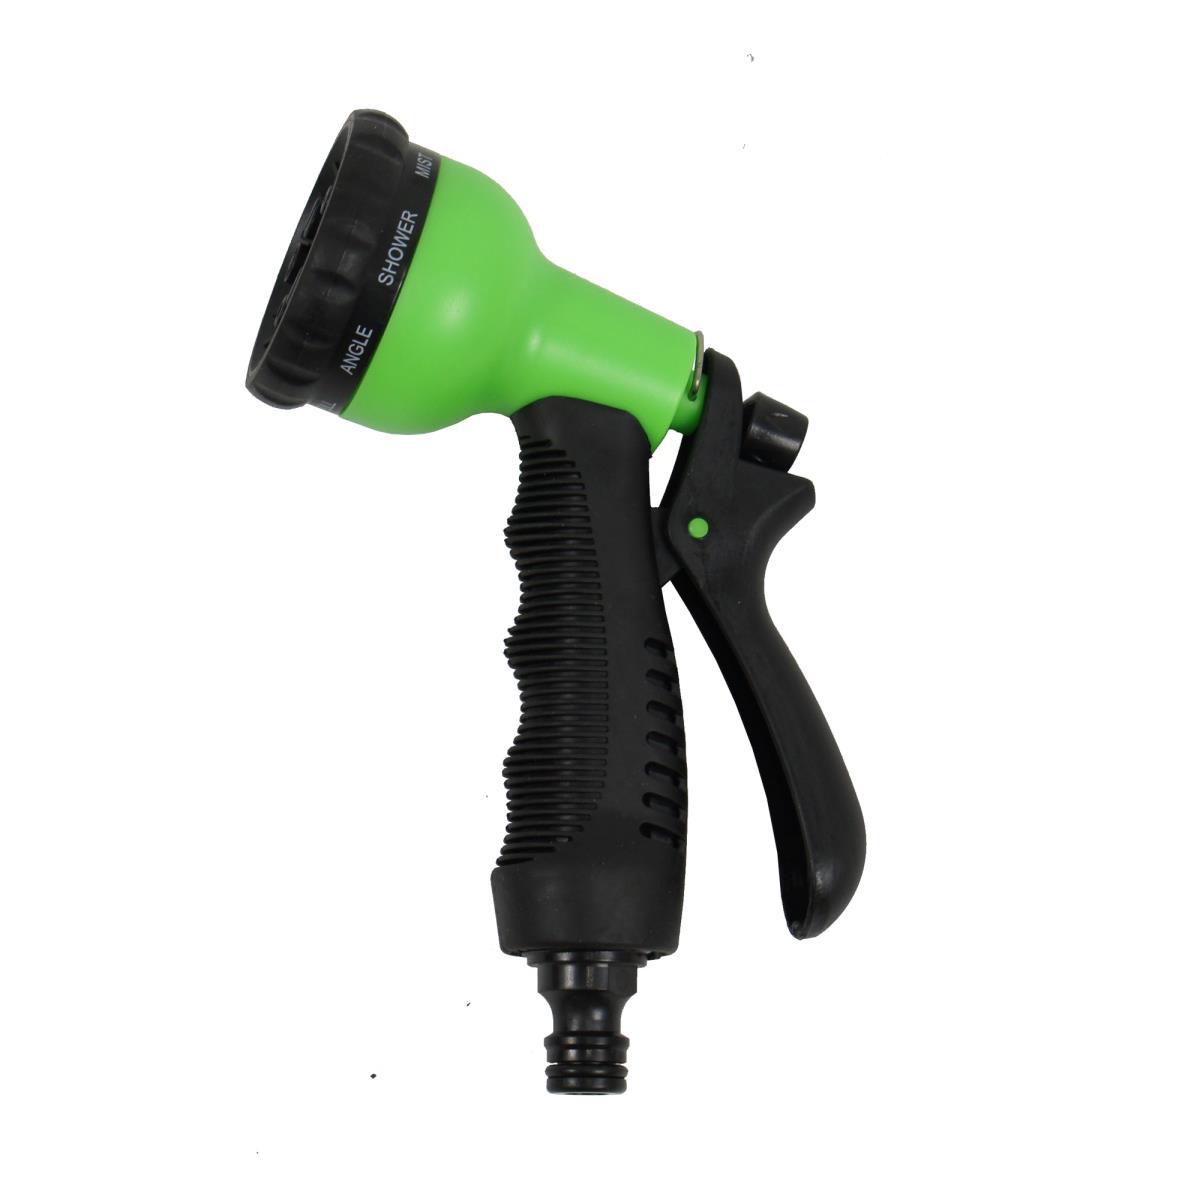 Gartenschlauch Multifunktion-Pistolensprenger mit 8 Funktionen für Garten,OKKO,YM7202, 4772013035527